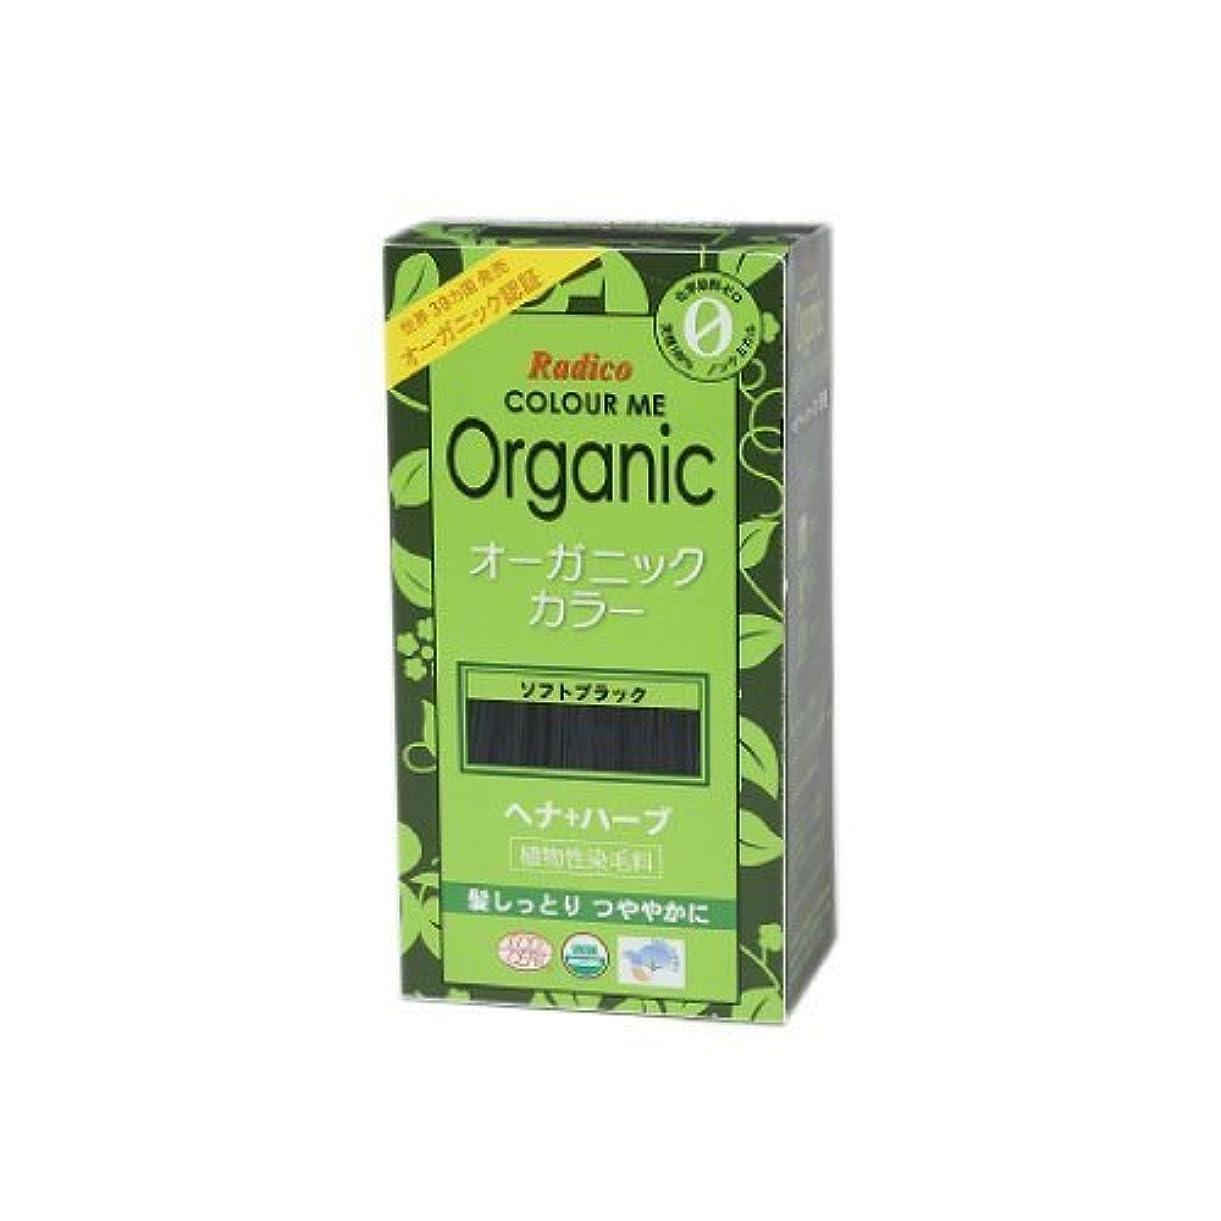 仕様王朝半ばCOLOURME Organic (カラーミーオーガニック ヘナ 白髪用 髪色戻し) ソフトブラック 100g